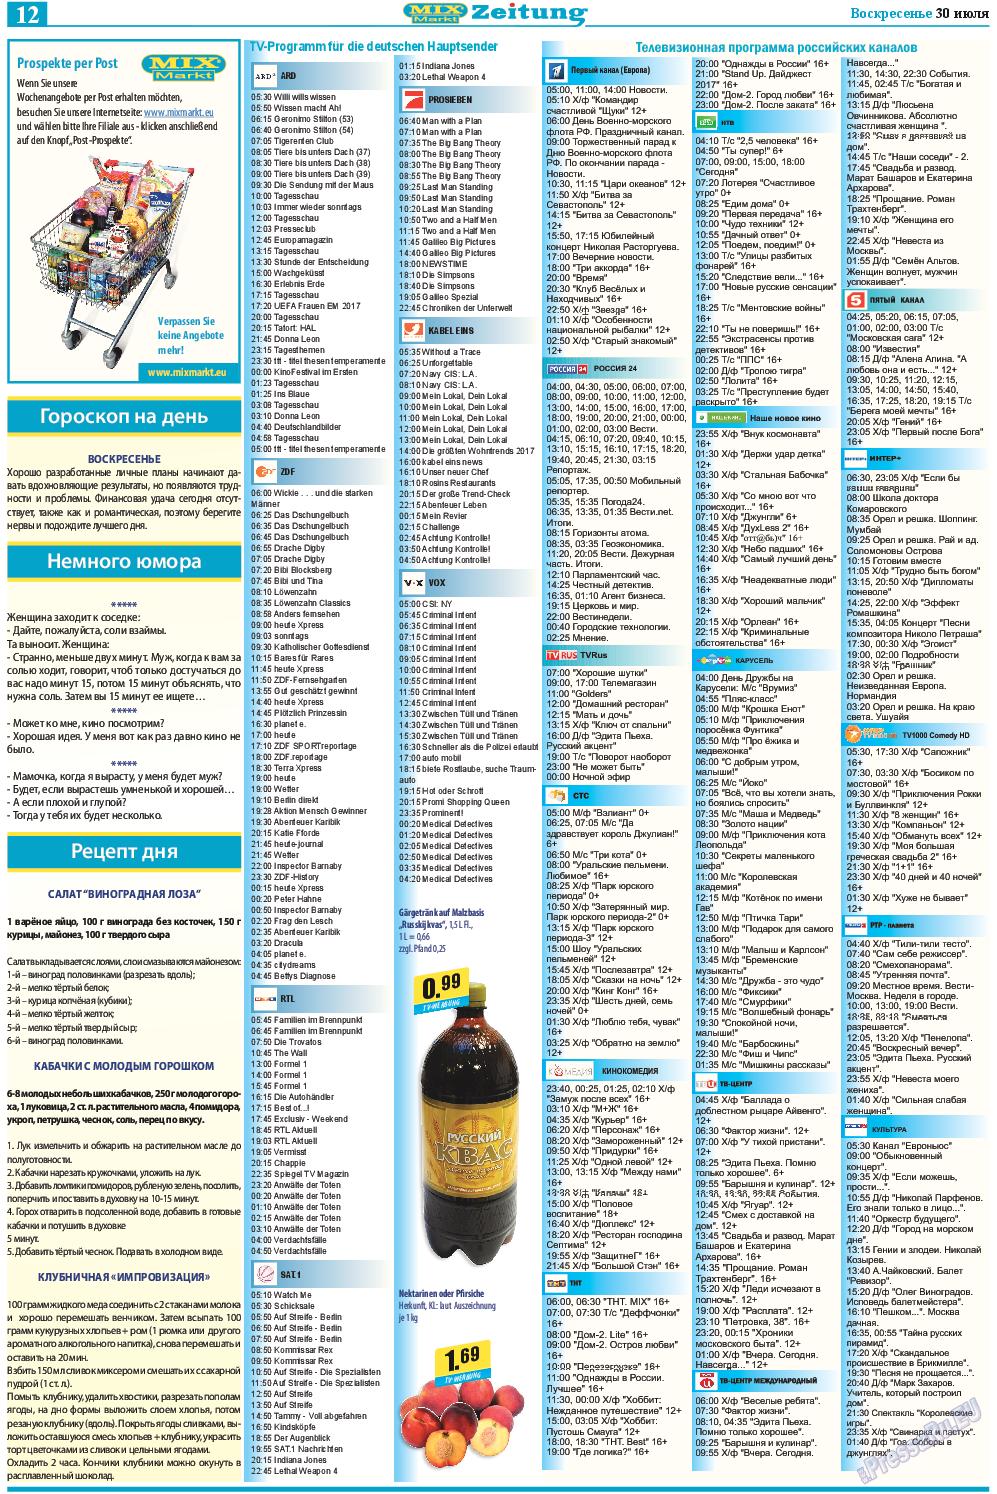 MIX-Markt Zeitung (газета). 2017 год, номер 30, стр. 12